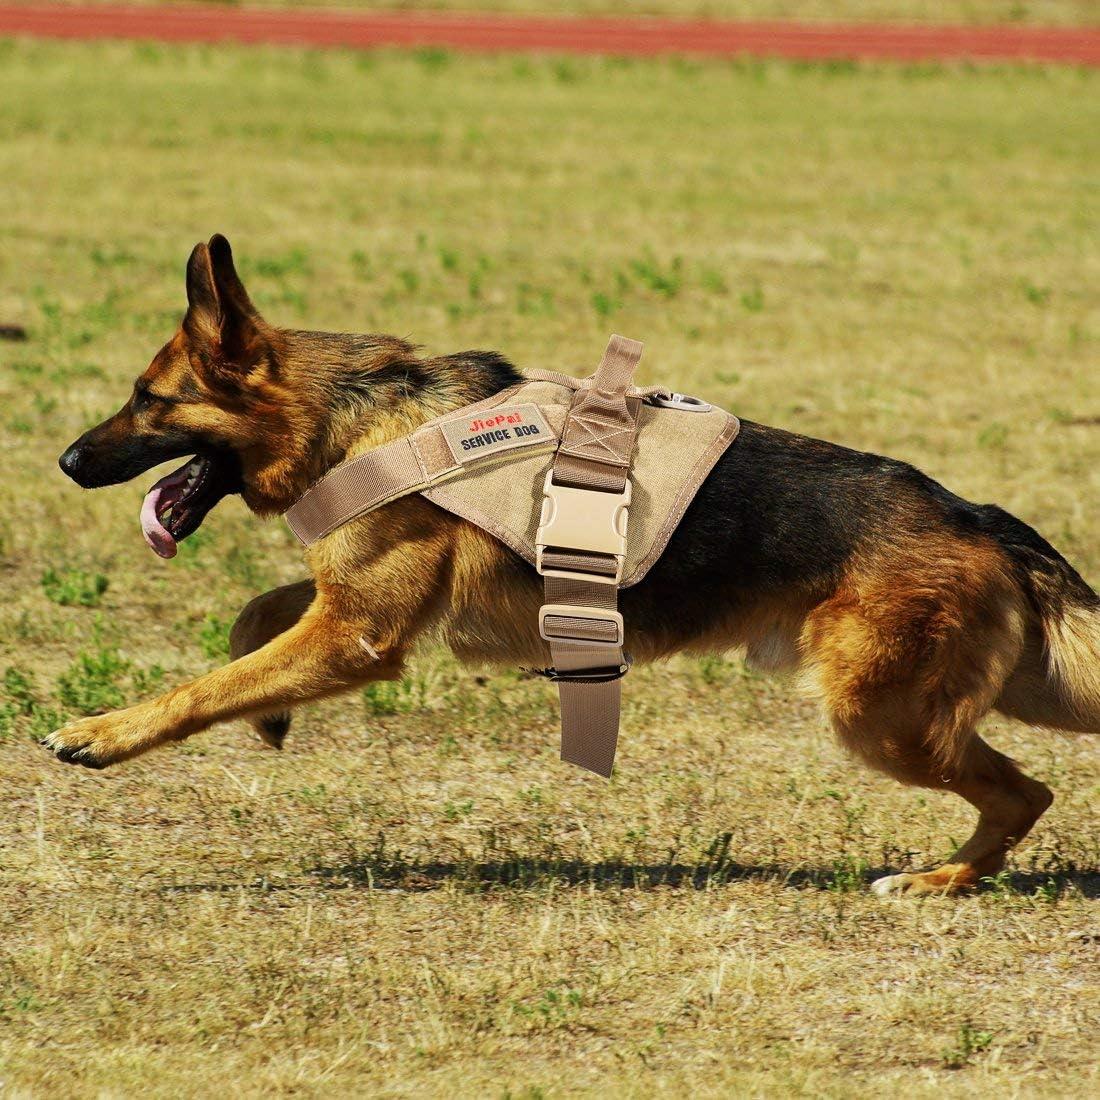 Chaleco de arn/és para Perro JIEPAI y Correa Correa de Nailon Chaleco Militar de Entrenamiento Patrulla de Servicio para Perros Grandes y medianos. Chaleco t/áctico Ajustable para Mascotas